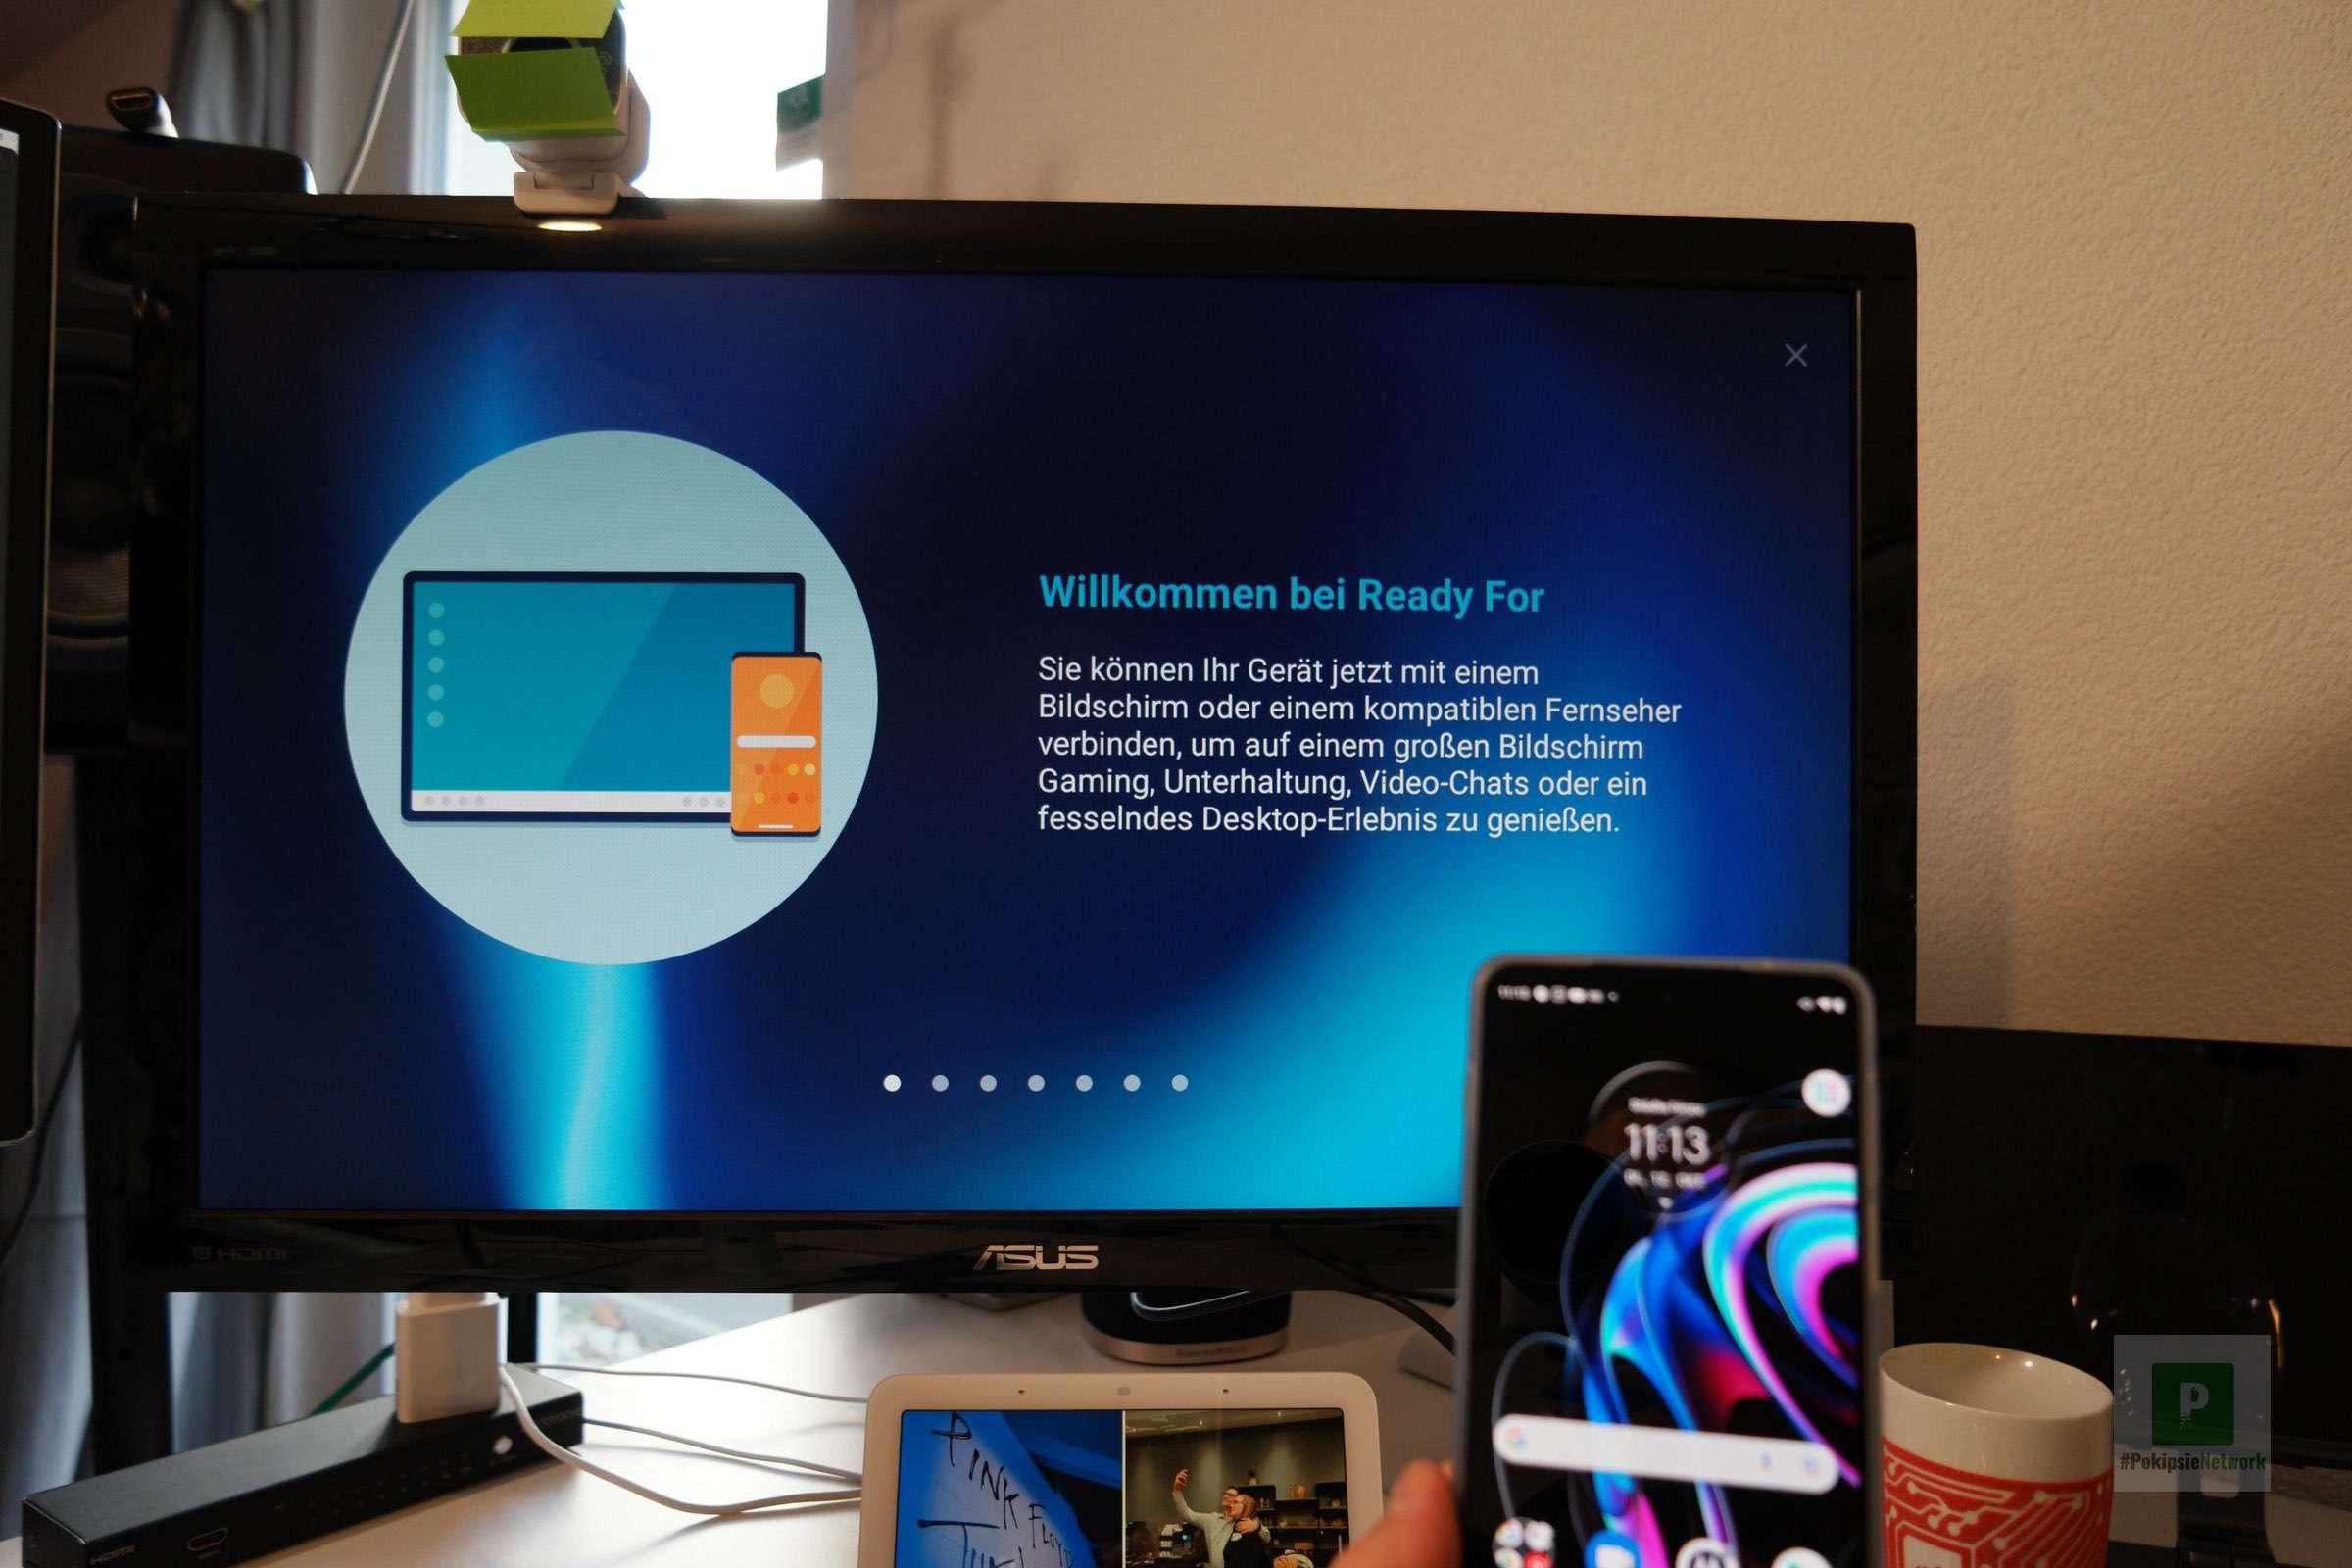 Motorola Ready For Technologie – Was ist das und was kann sie?